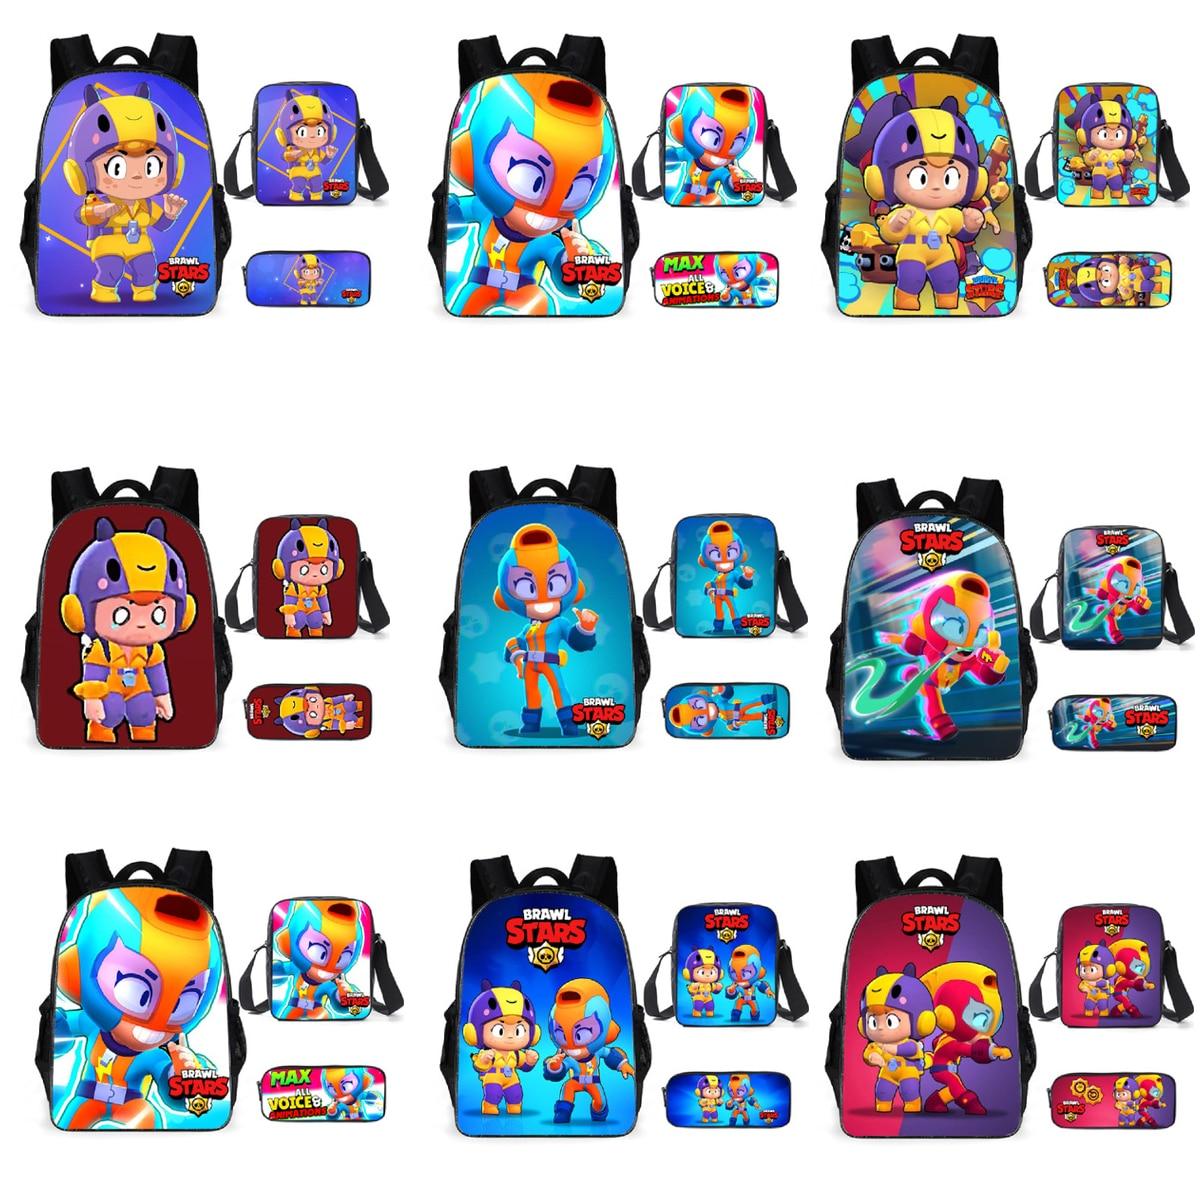 Bagarres dessin animé sacs d'école étoile garçon Action dessin animé Spike Shelly Leon PRIMO MORTI cartable pour adolescents étudiant livre sac jouets